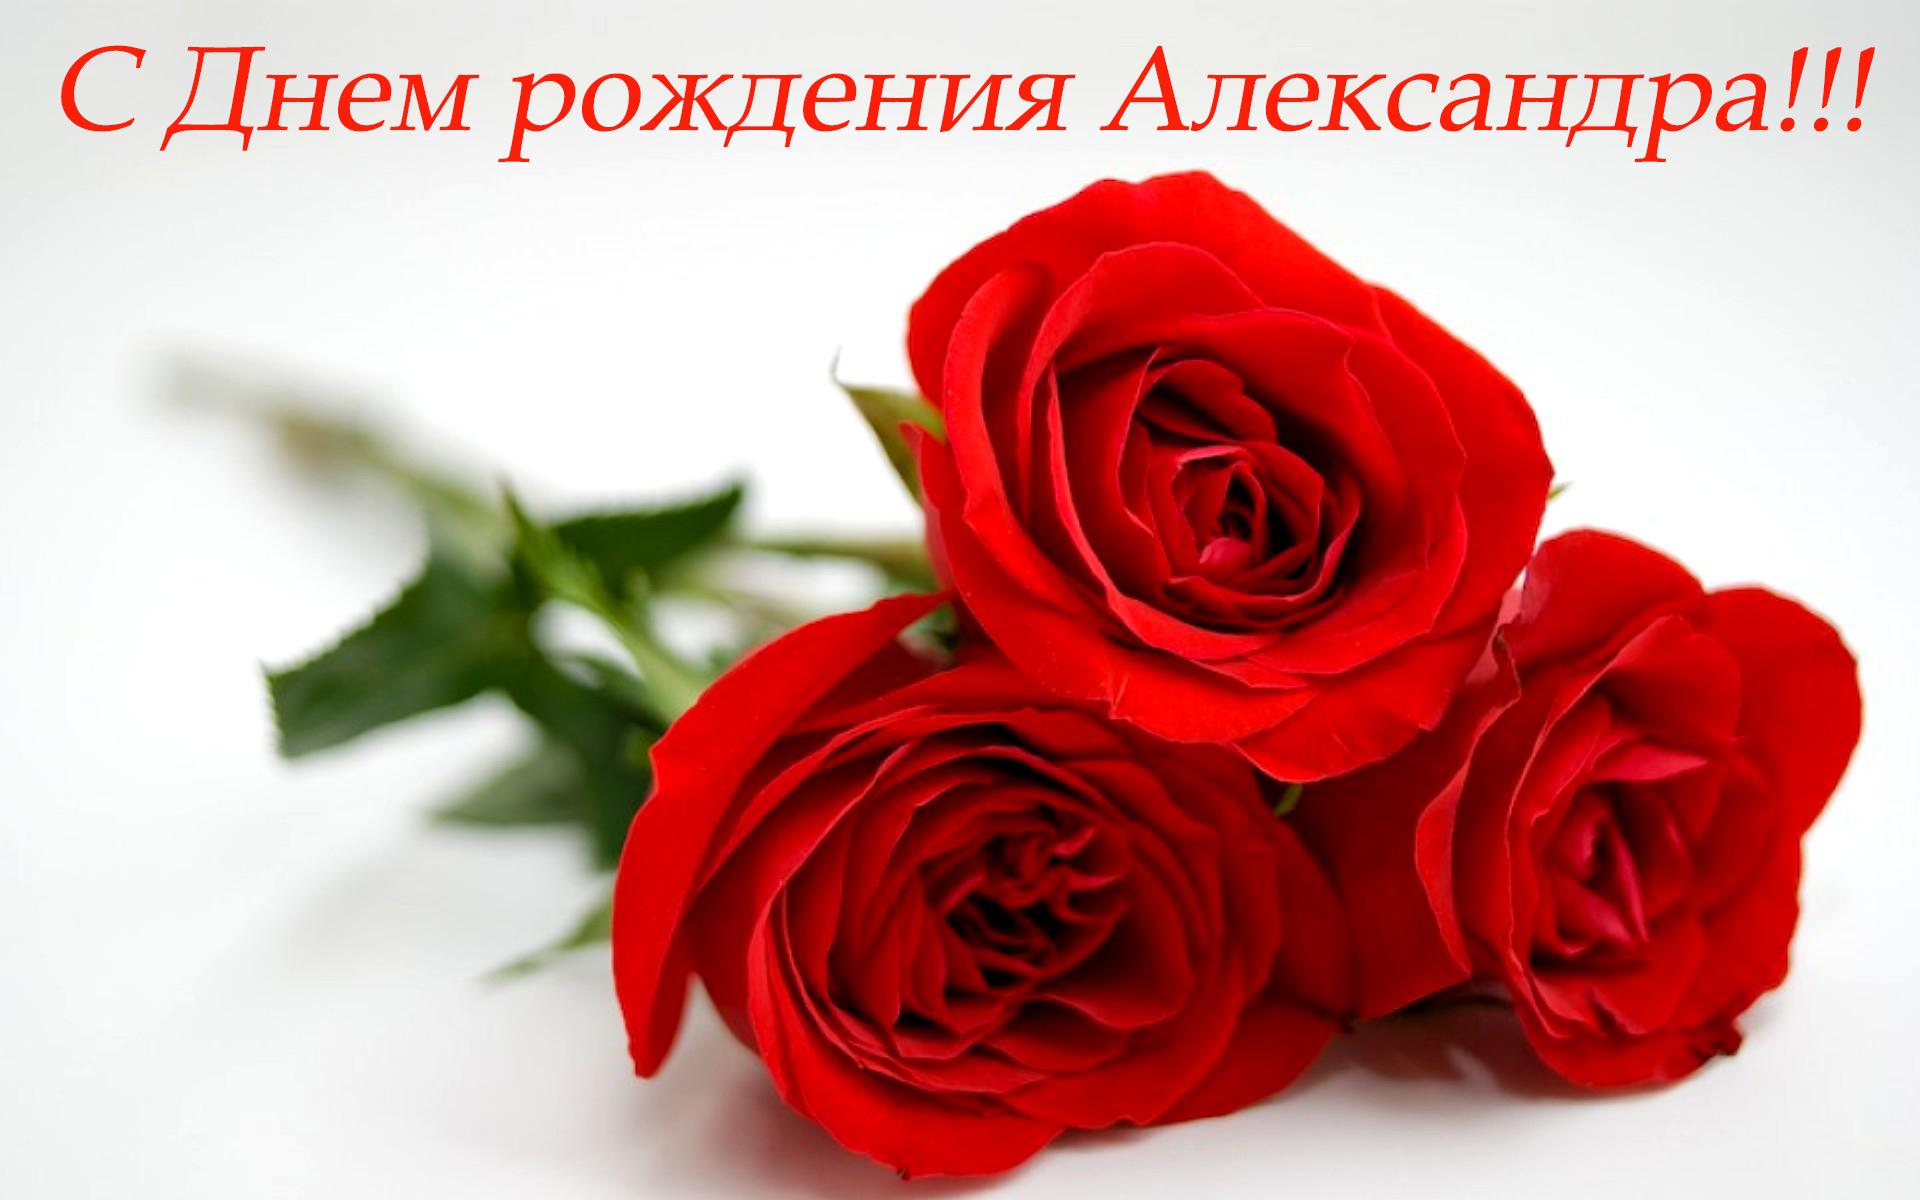 Голосовое поздравление с днем рождения александру